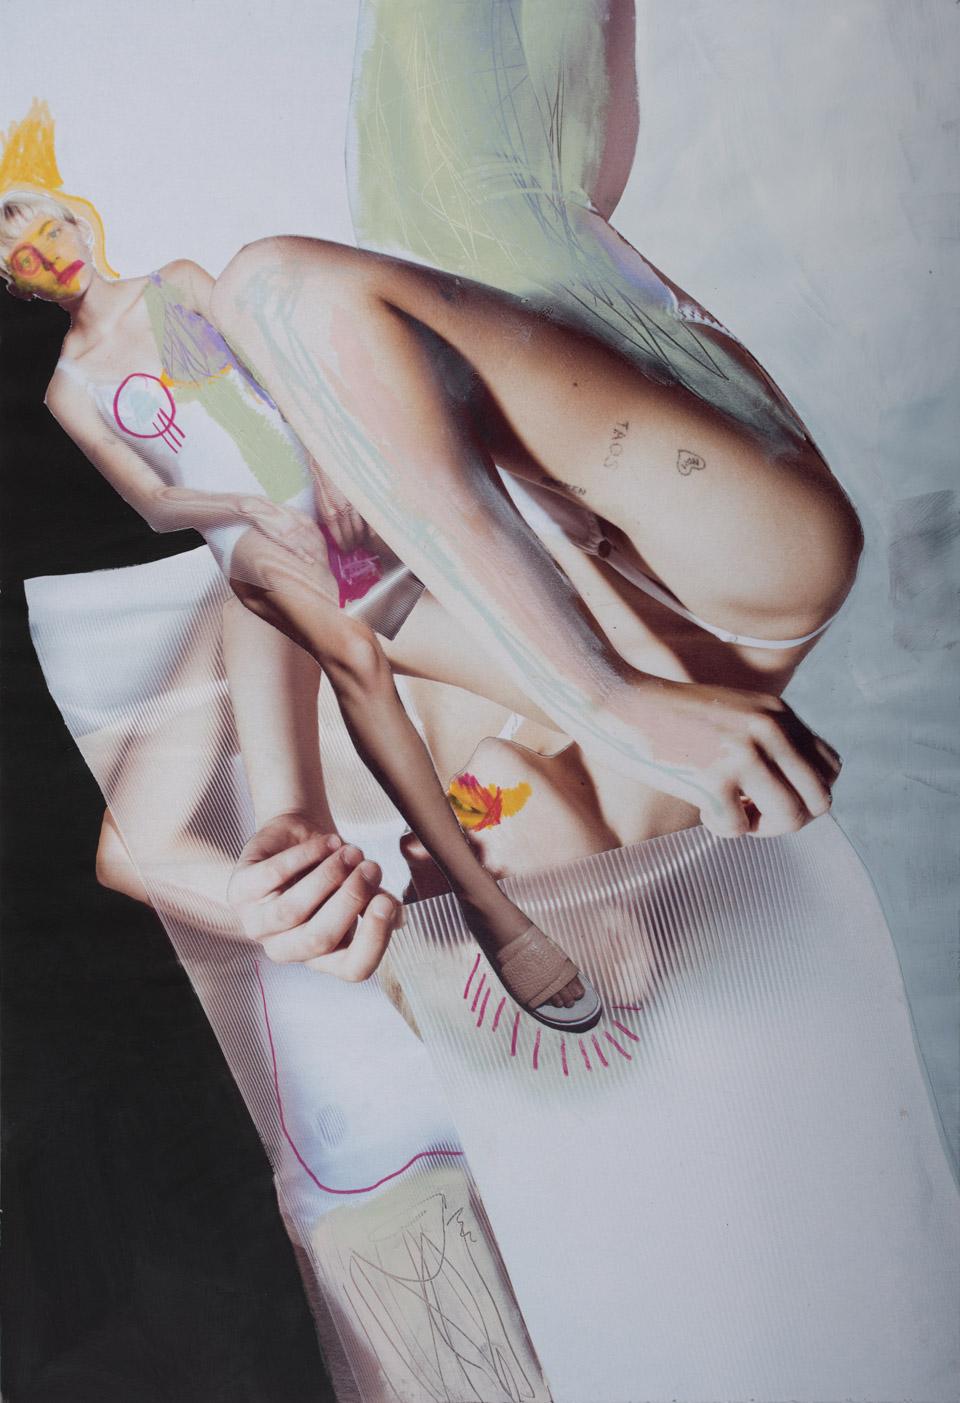 painted_woman11.jpg